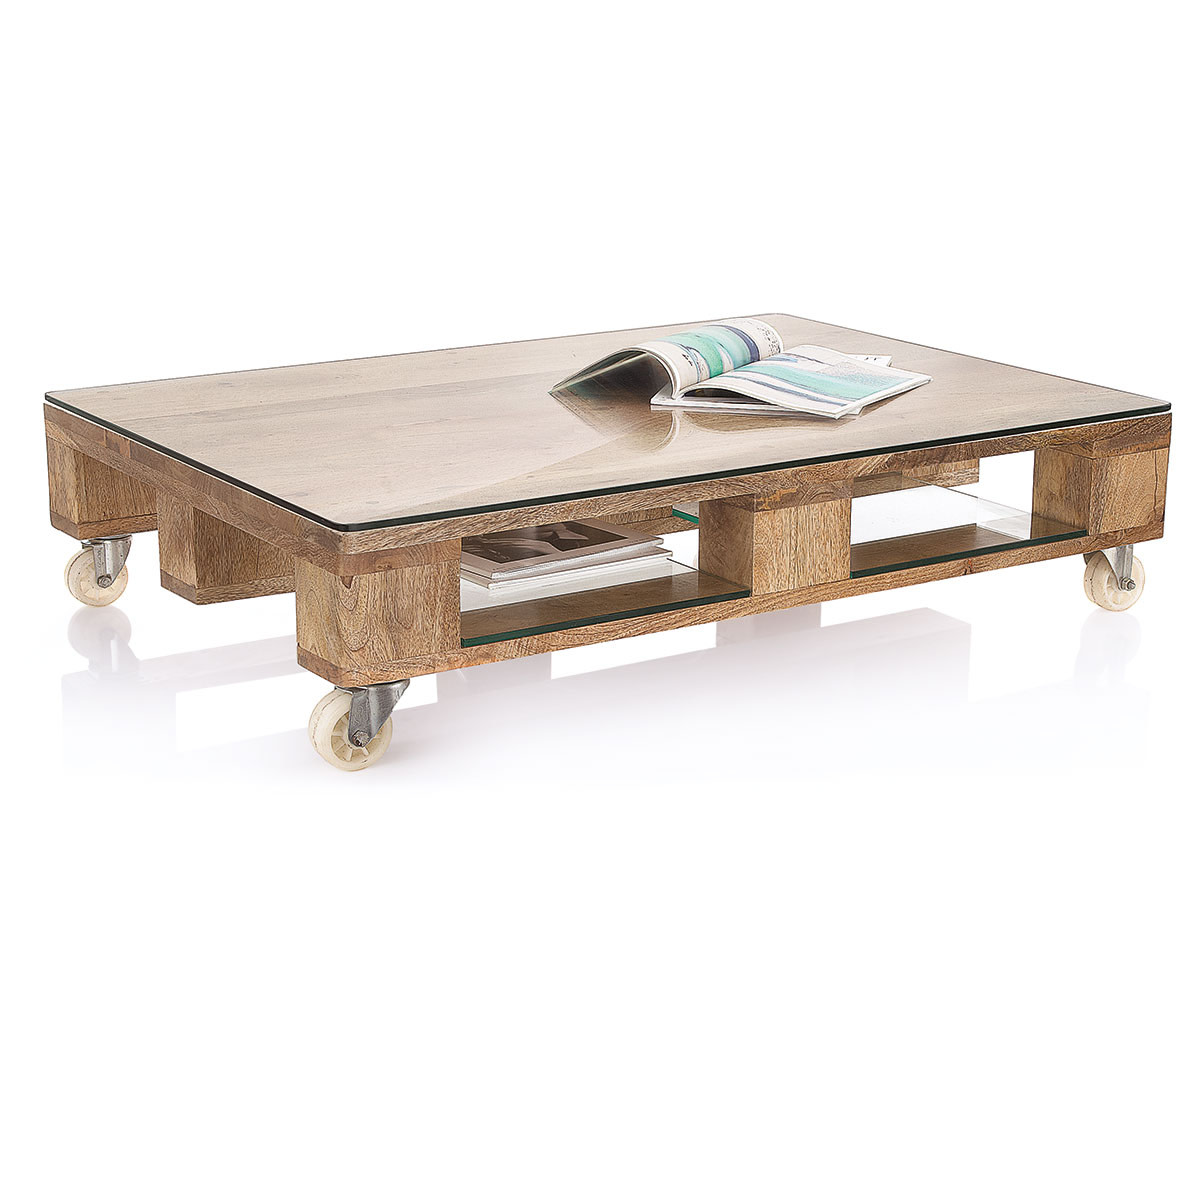 couchtisch glas metall g nstig kaufen. Black Bedroom Furniture Sets. Home Design Ideas